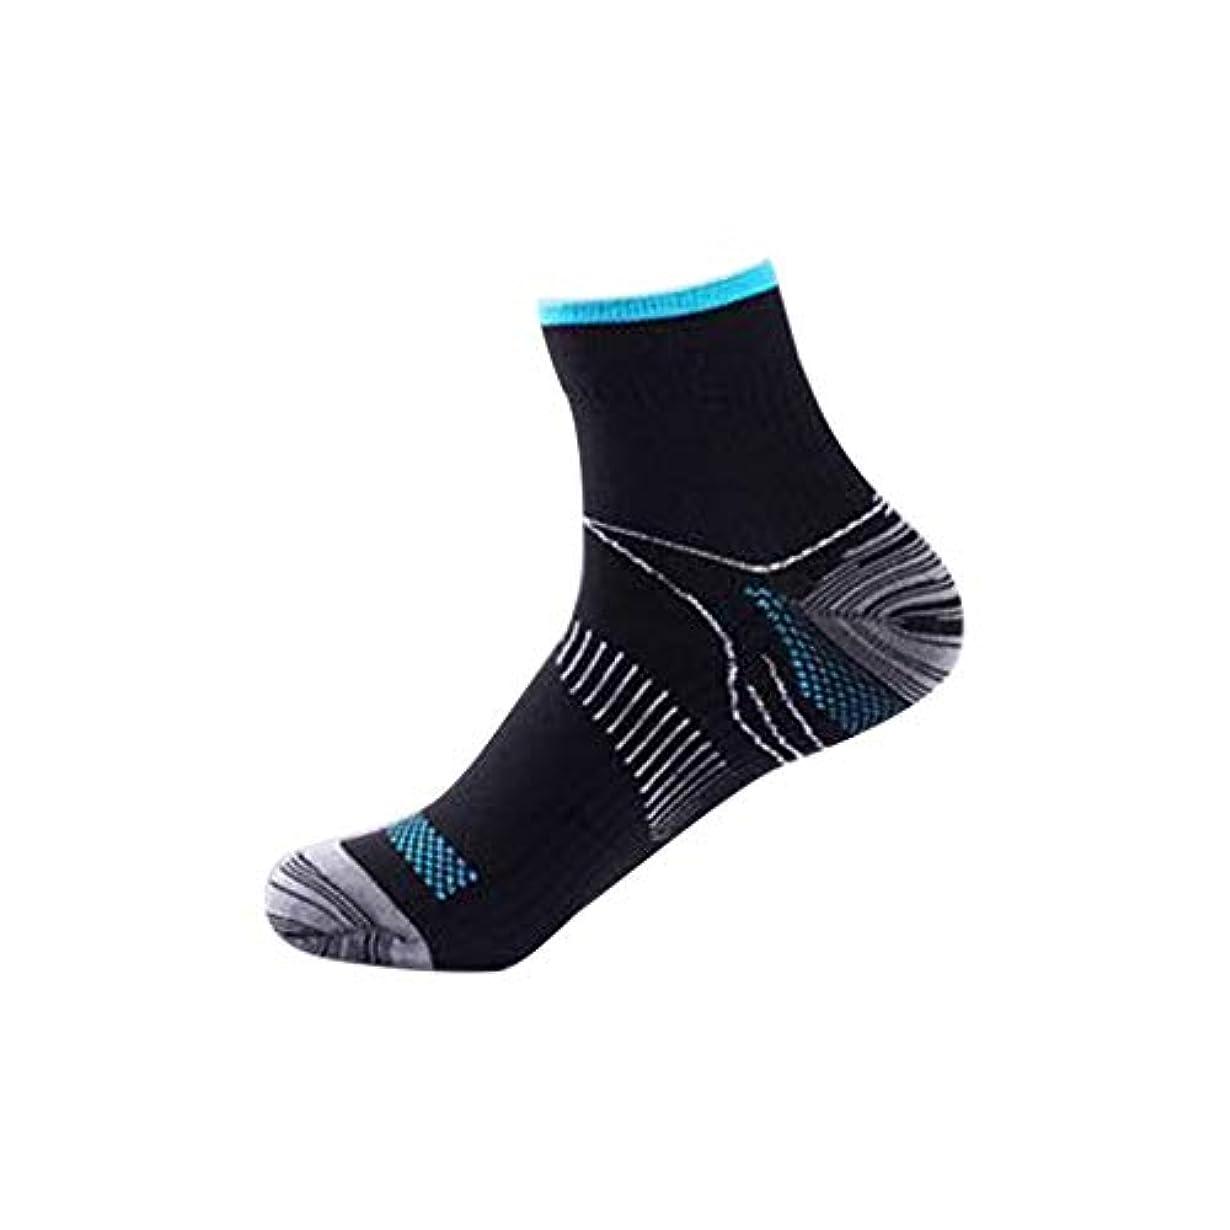 うめき声決定的保護快適な男性の女性の膝の靴下のサポートストレッチ通気性の靴下の下の短いストレッチ圧縮の靴下(Color:black&blue)(Size:S/M)